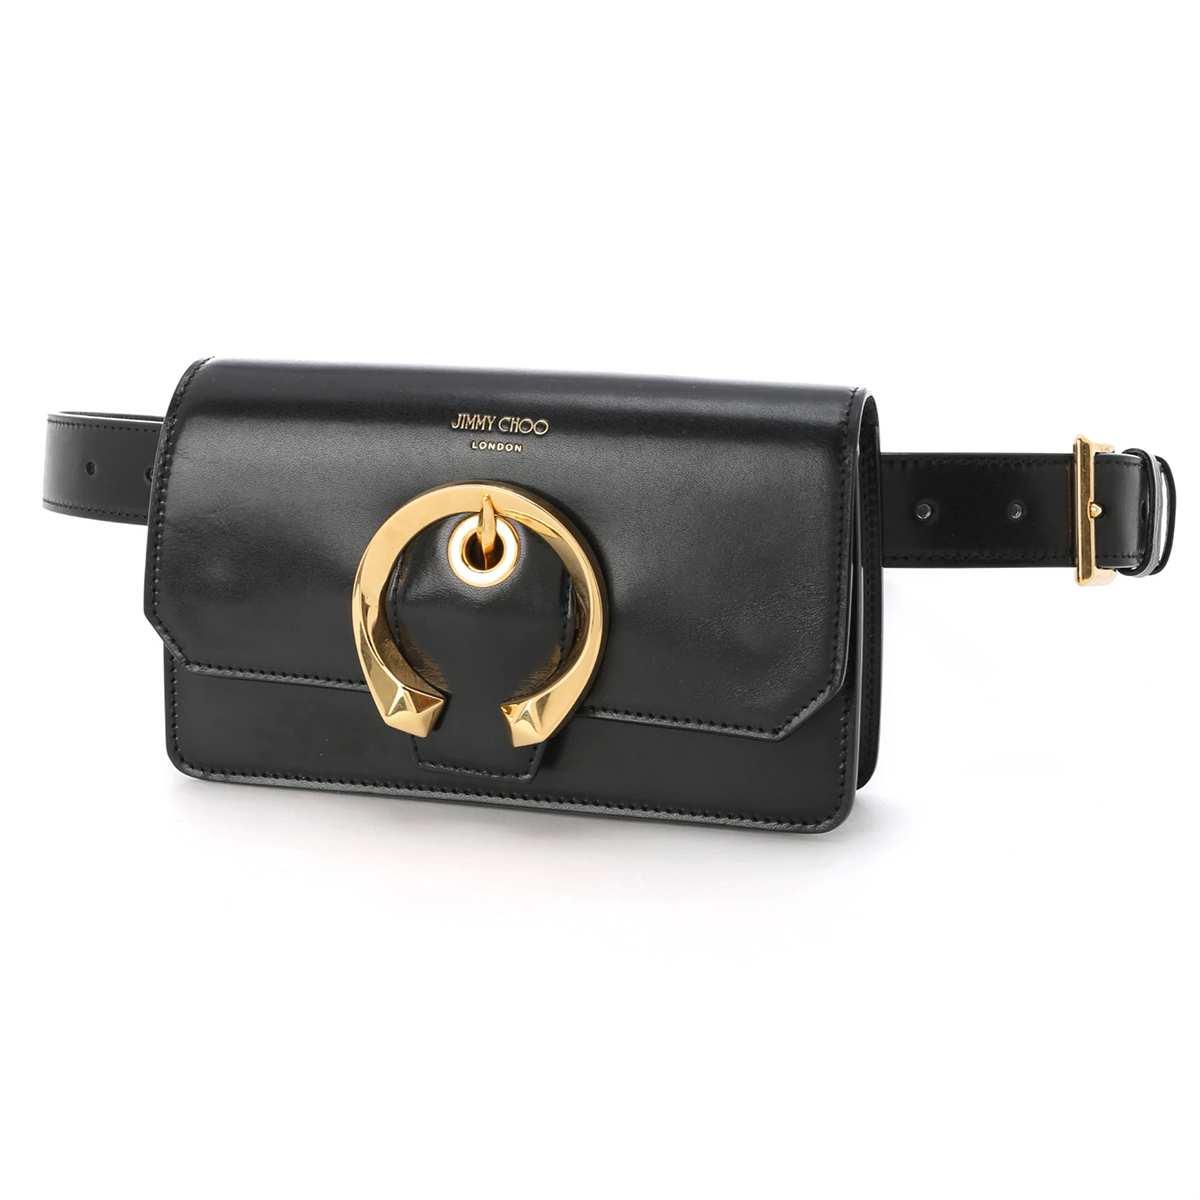 ジミーチュウ JIMMY CHOO ベルトバッグ ボディバッグ ブラック レディース レザー madeline beltbag trm black MADELINE マドライン【あす楽対応_関東】【返品送料無料】【ラッピング無料】